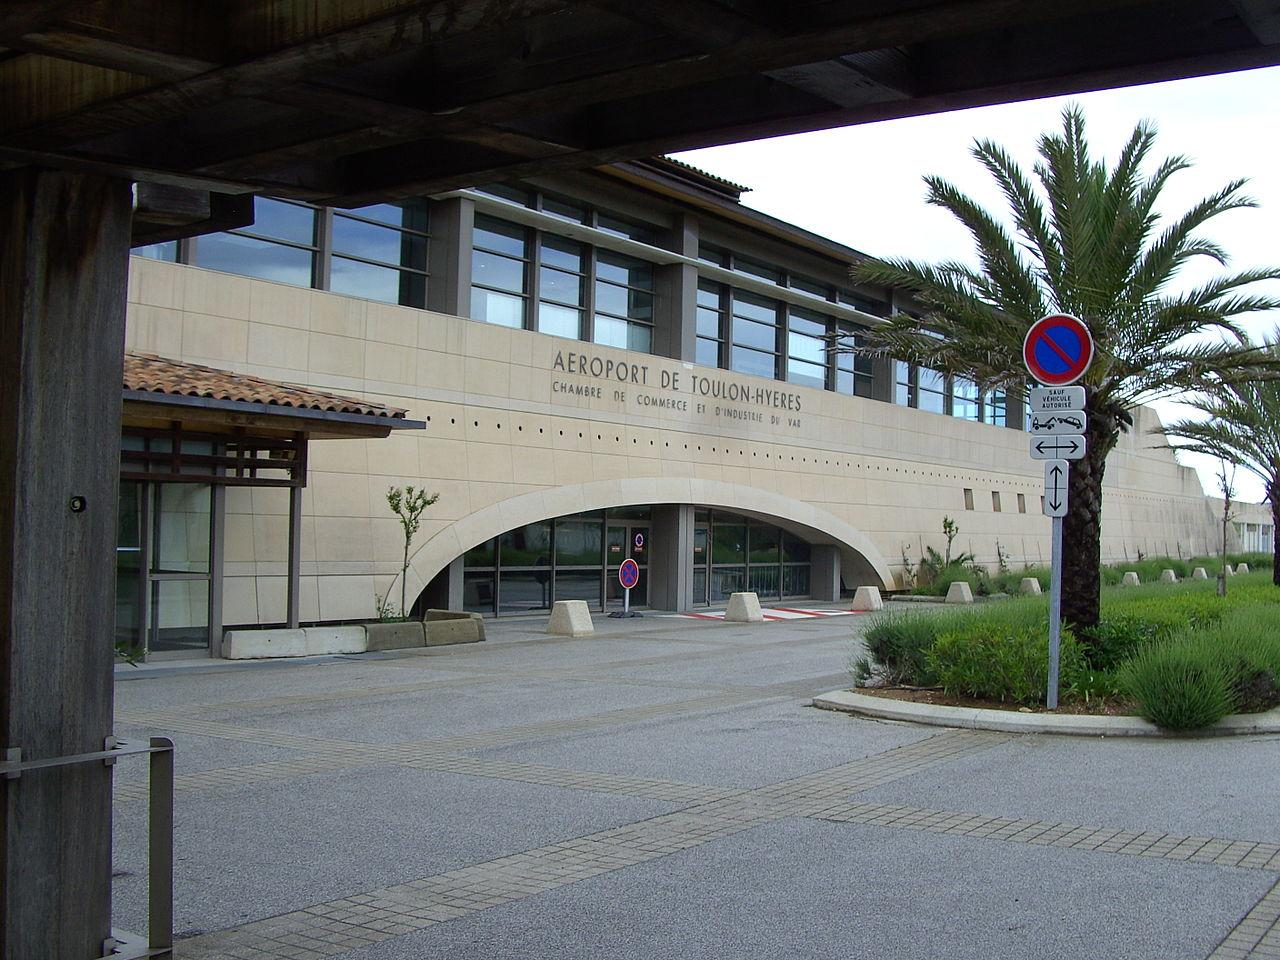 Toulon Hyères Airport